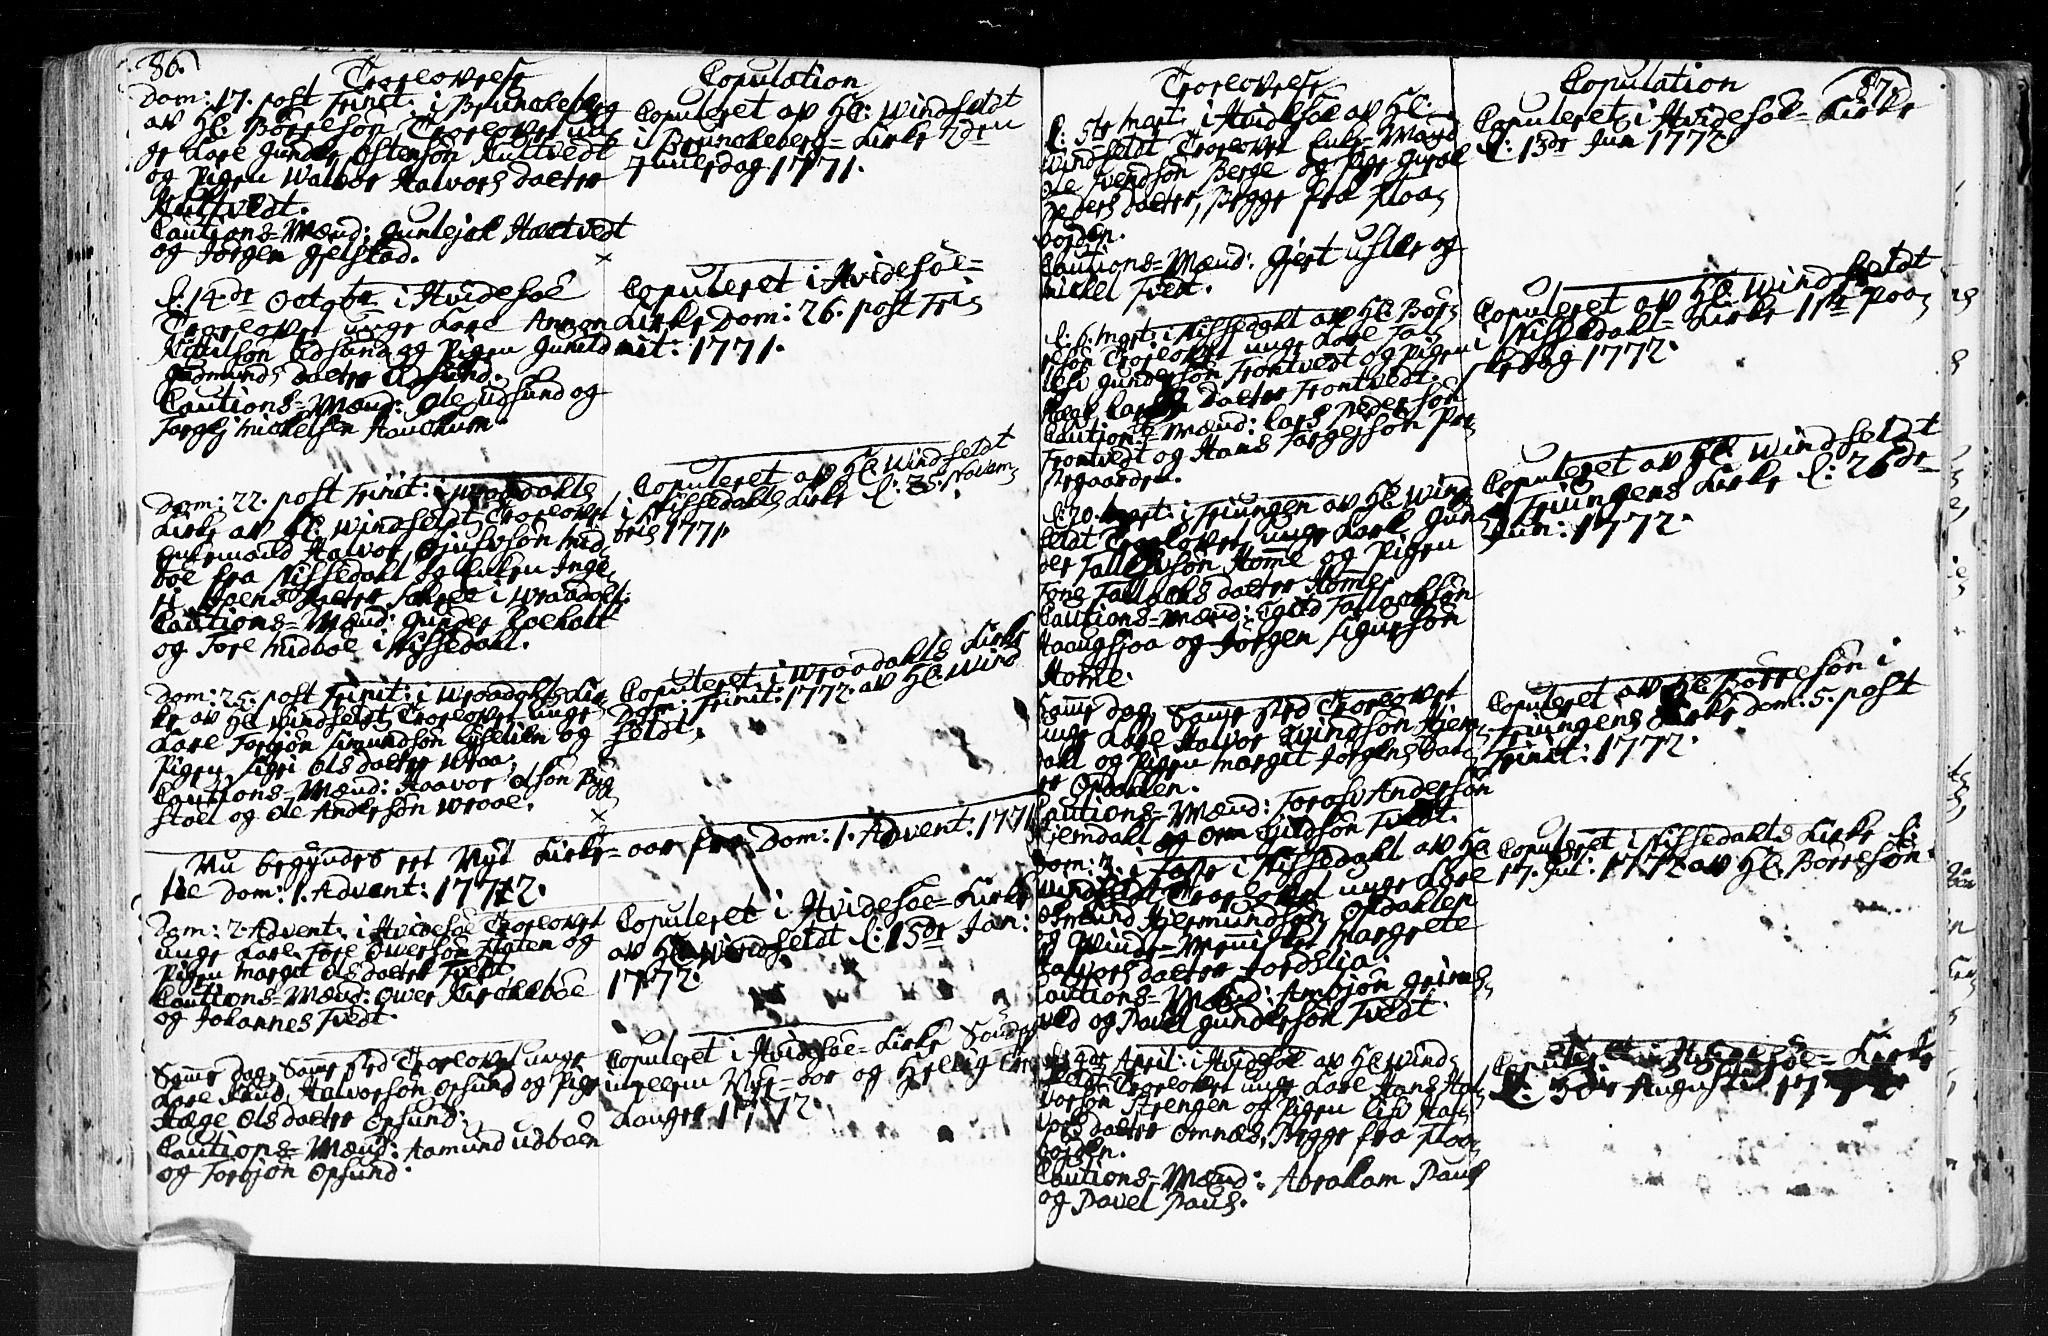 SAKO, Kviteseid kirkebøker, F/Fa/L0001: Ministerialbok nr. I 1, 1754-1773, s. 86-87